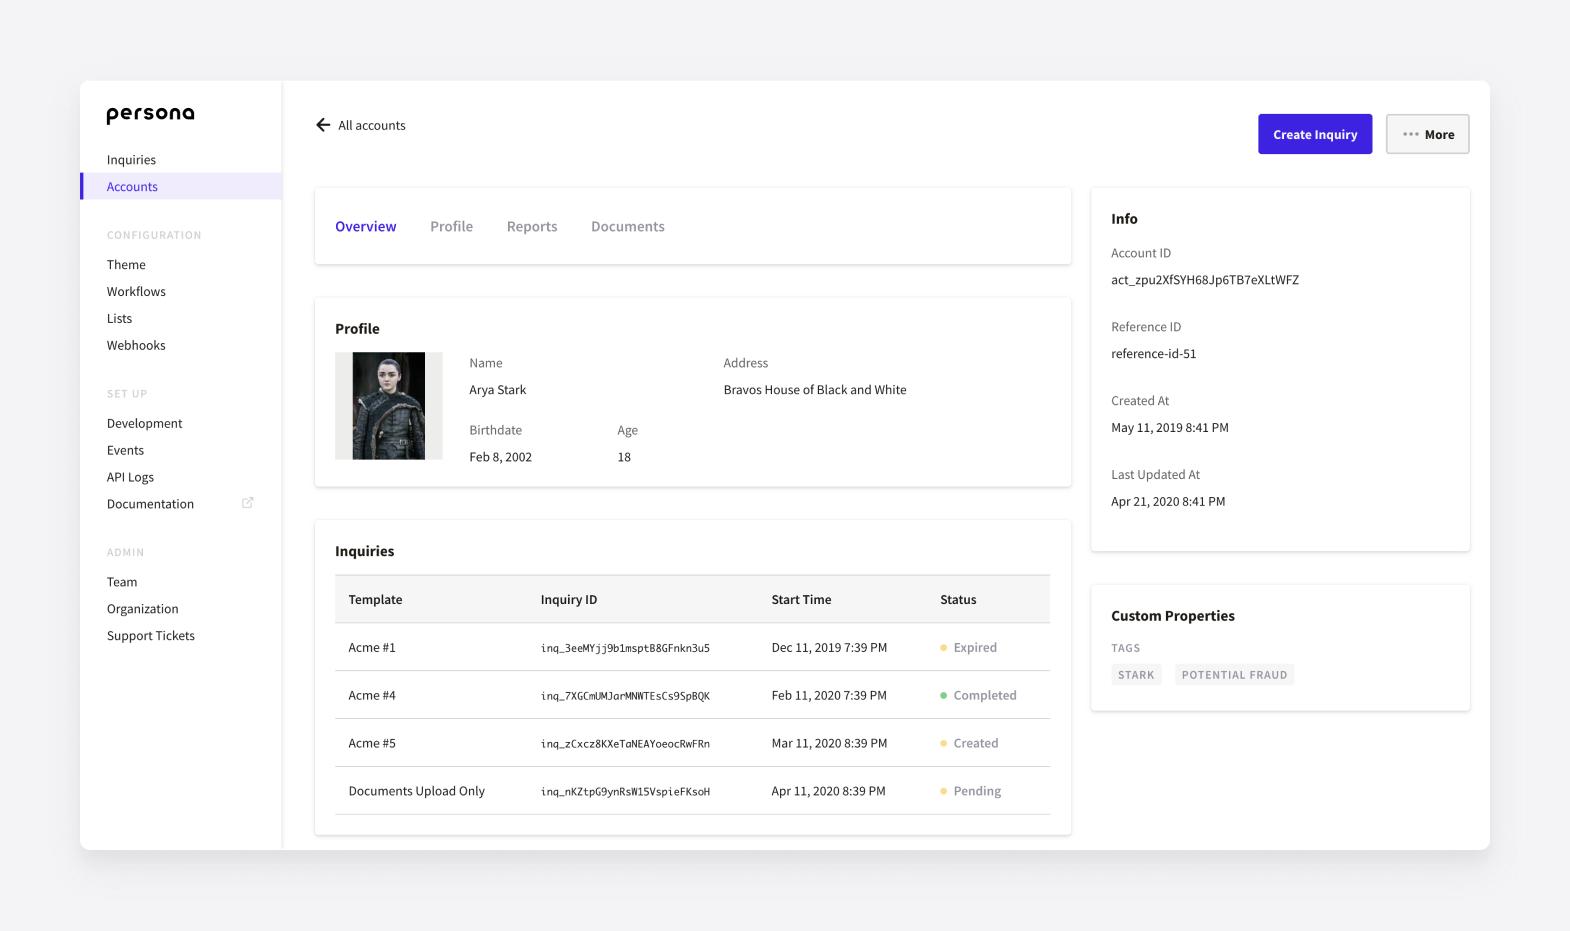 A unique Accounts profile in the Persona dashboard.